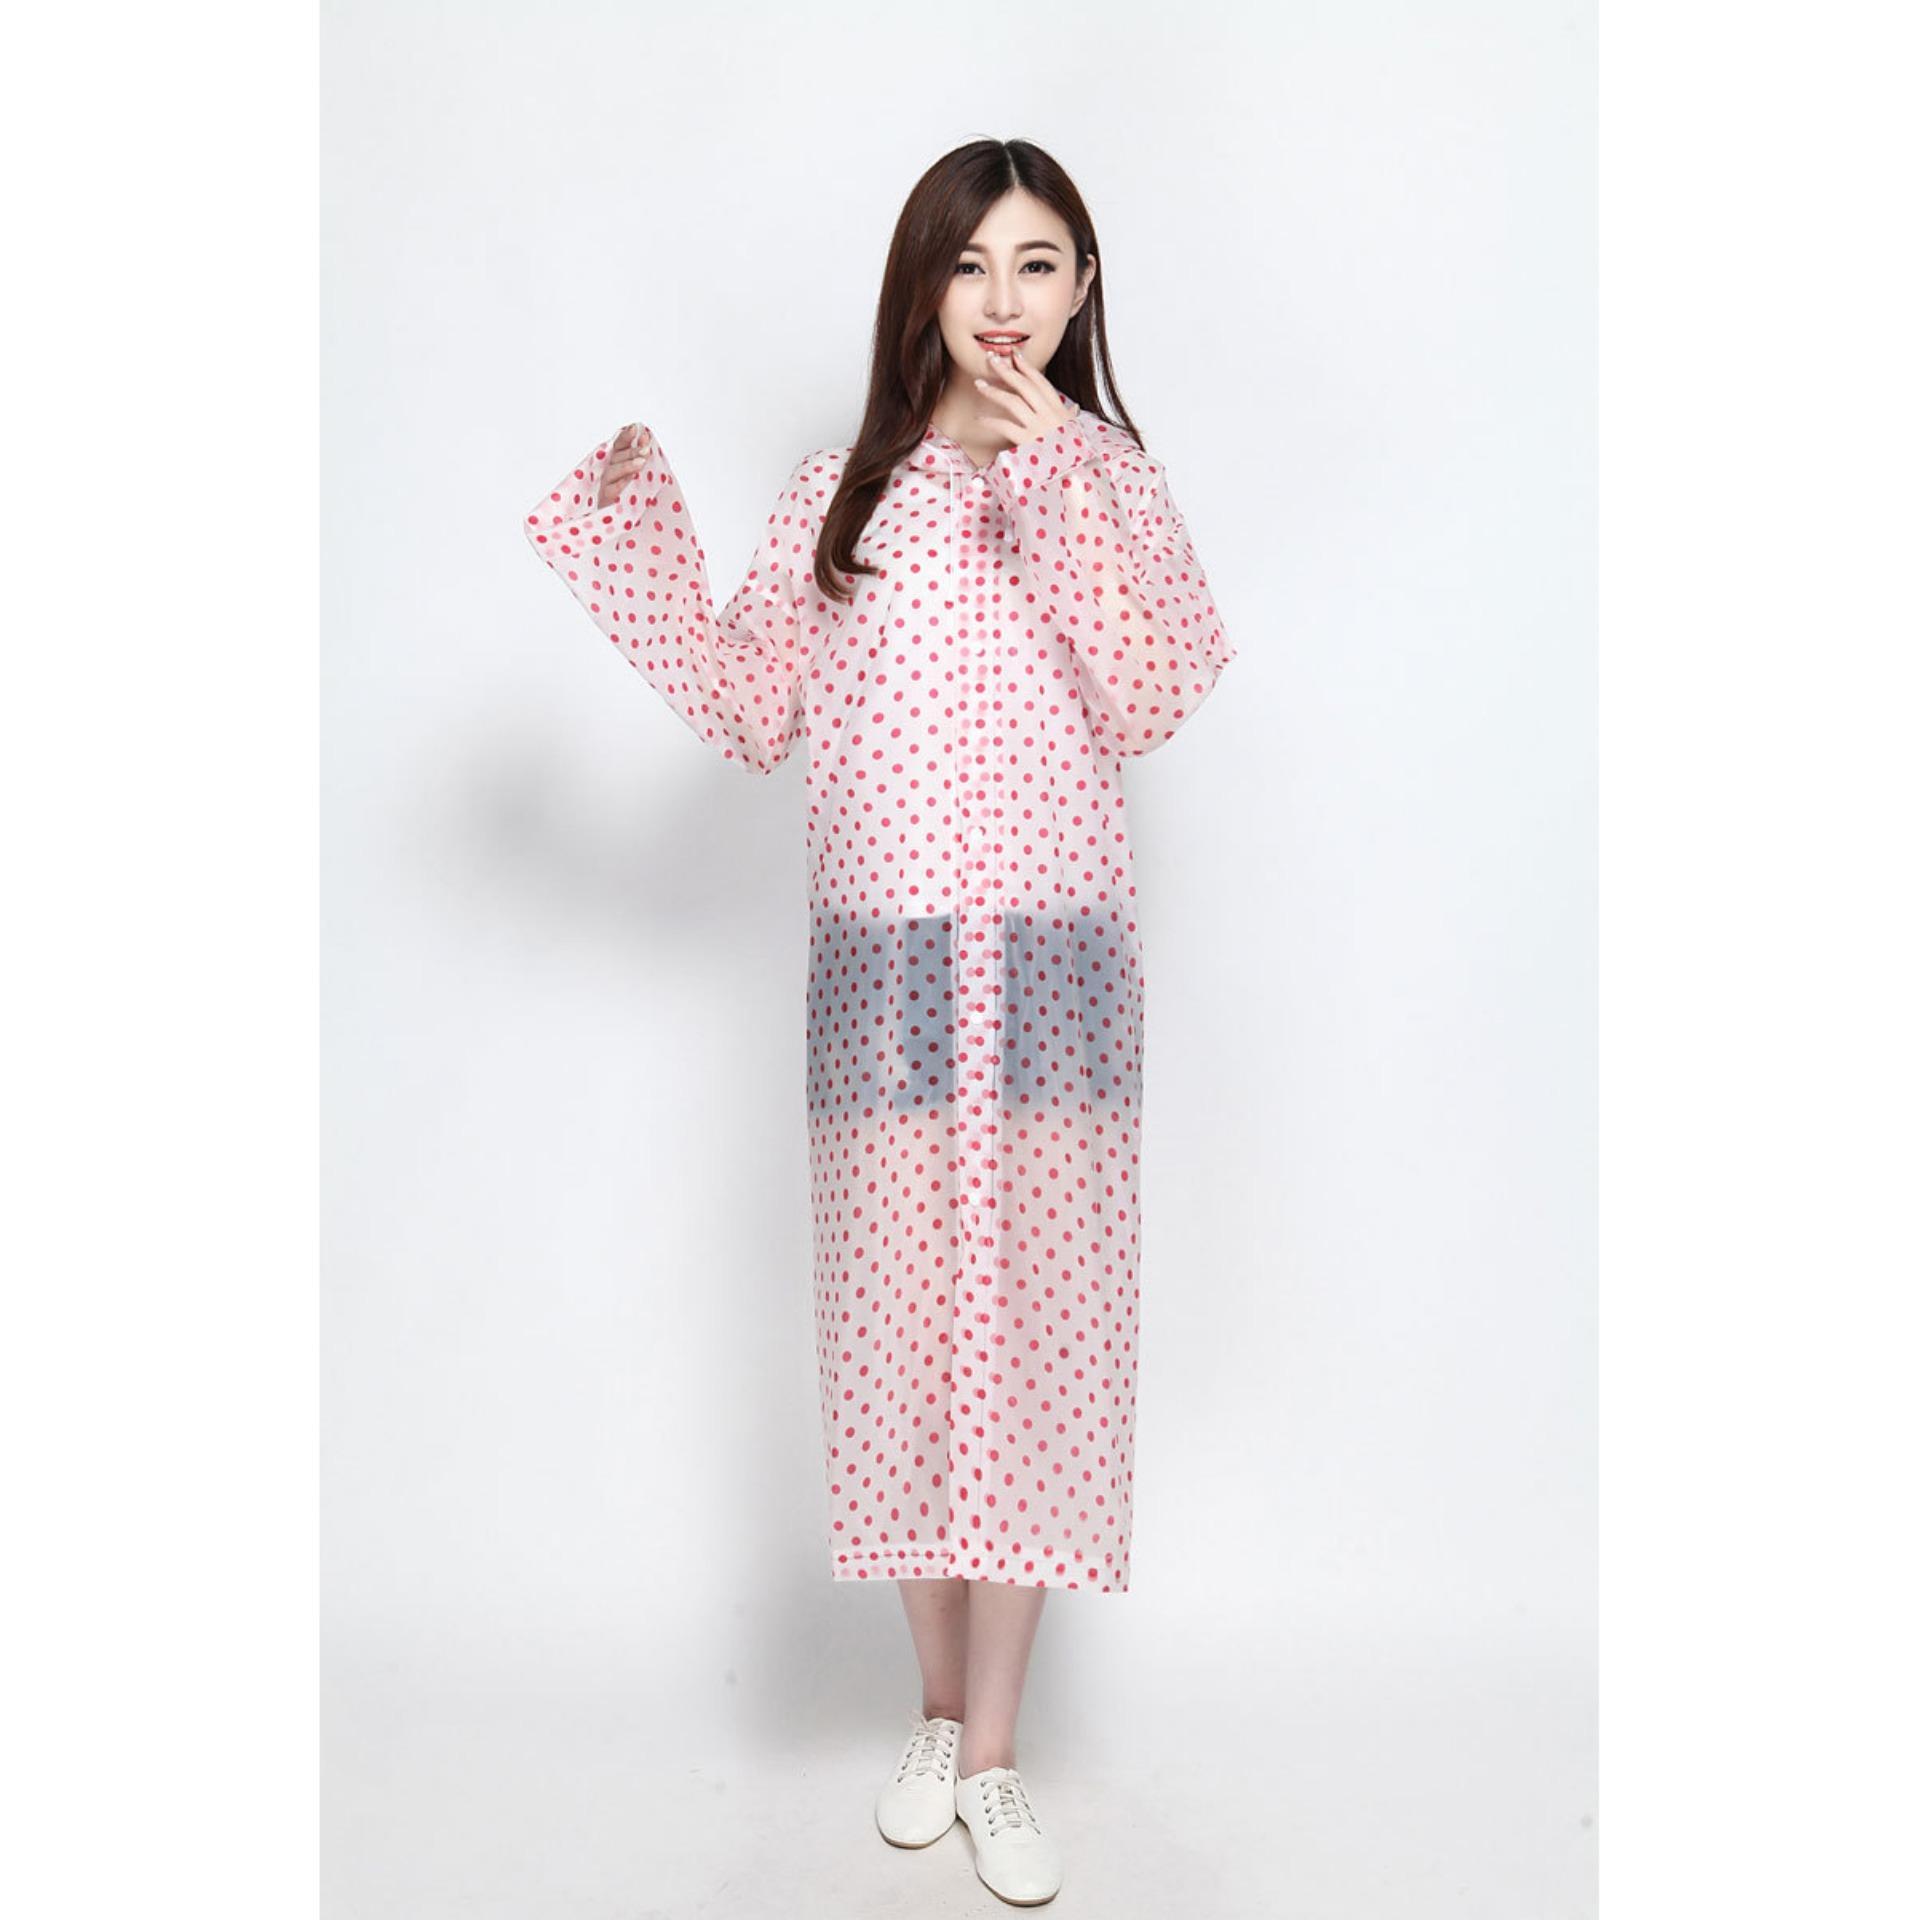 List Harga Jas Ponco 2018 Produk Laris Indonesia Hujan Tangan Lengan Original Df Rain Korea Polkadot Raincoat Poncho Murah